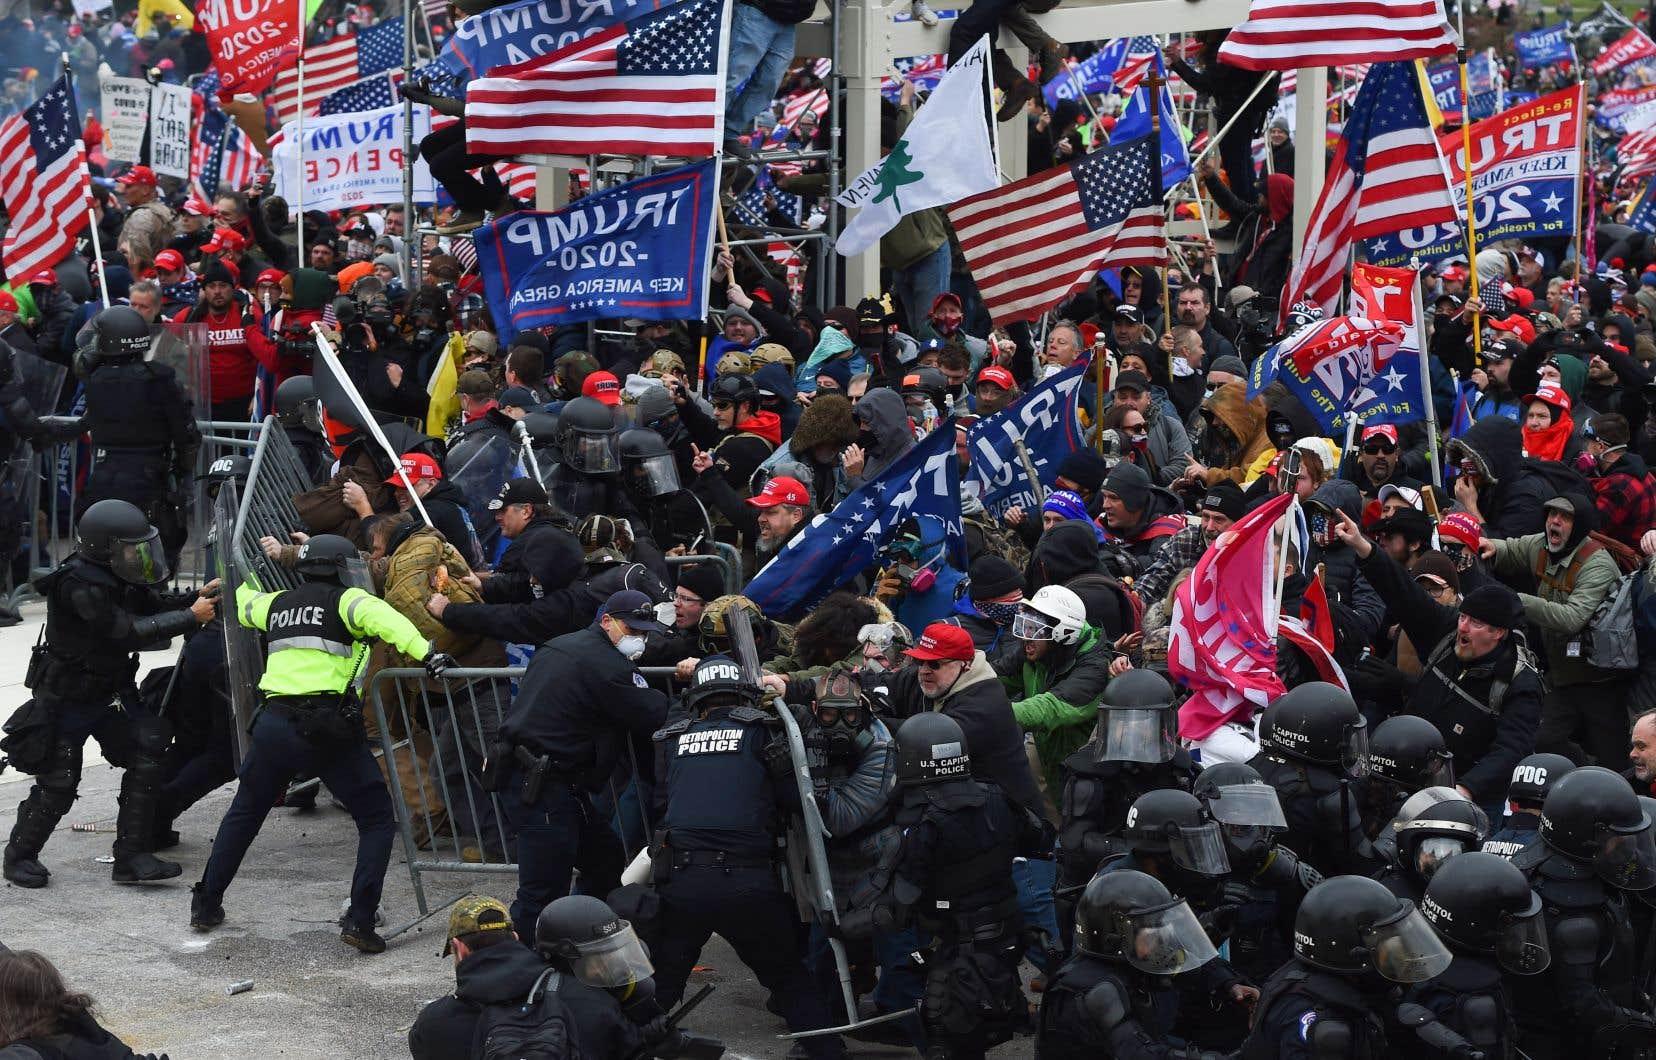 Démocrates et républicains reprochent à Donald Trump d'avoir encouragé les émeutiers qui ont pris d'assaut le Capitole mercredi, en leur scandant qu'il fallait «se battre» et «être forts» pour «regagner» le pays.